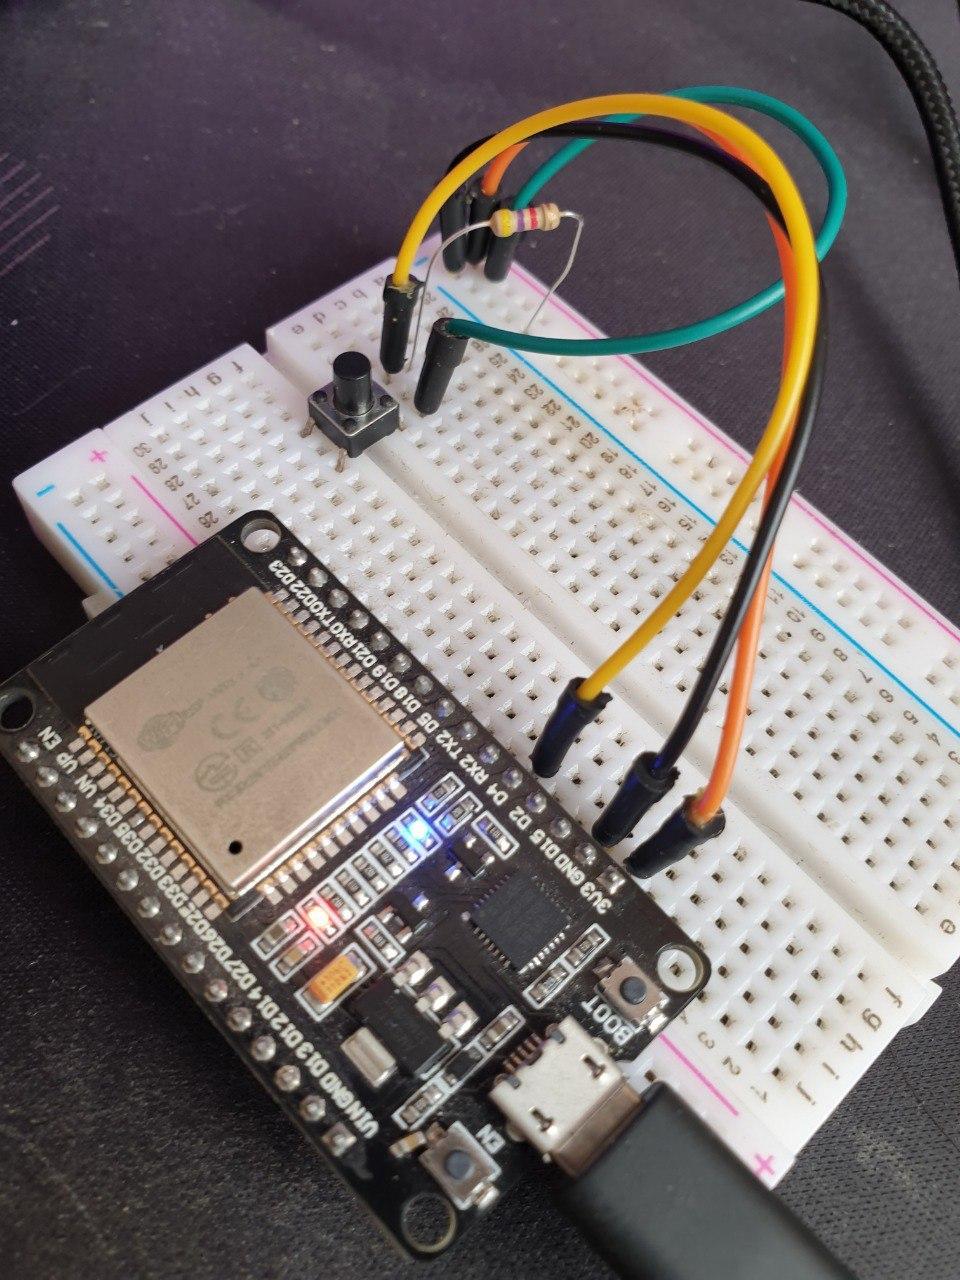 ارتباط وب سرور با برد ESP32 اتصال تریگر به برد - دیجی اسپارک